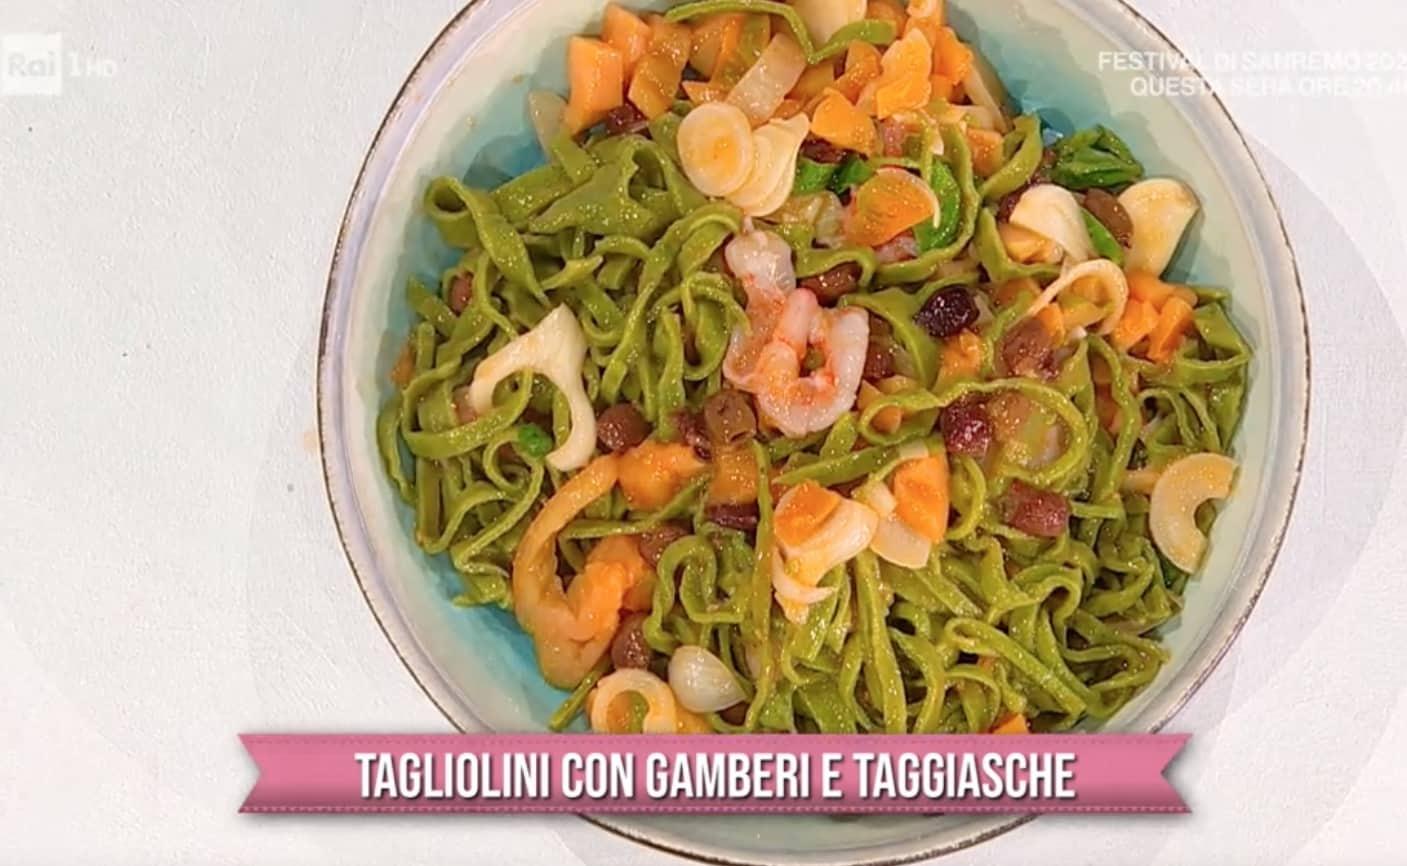 Tagliolini al basilico con gamberi e olive taggiasche, la ricetta di Zia Cri